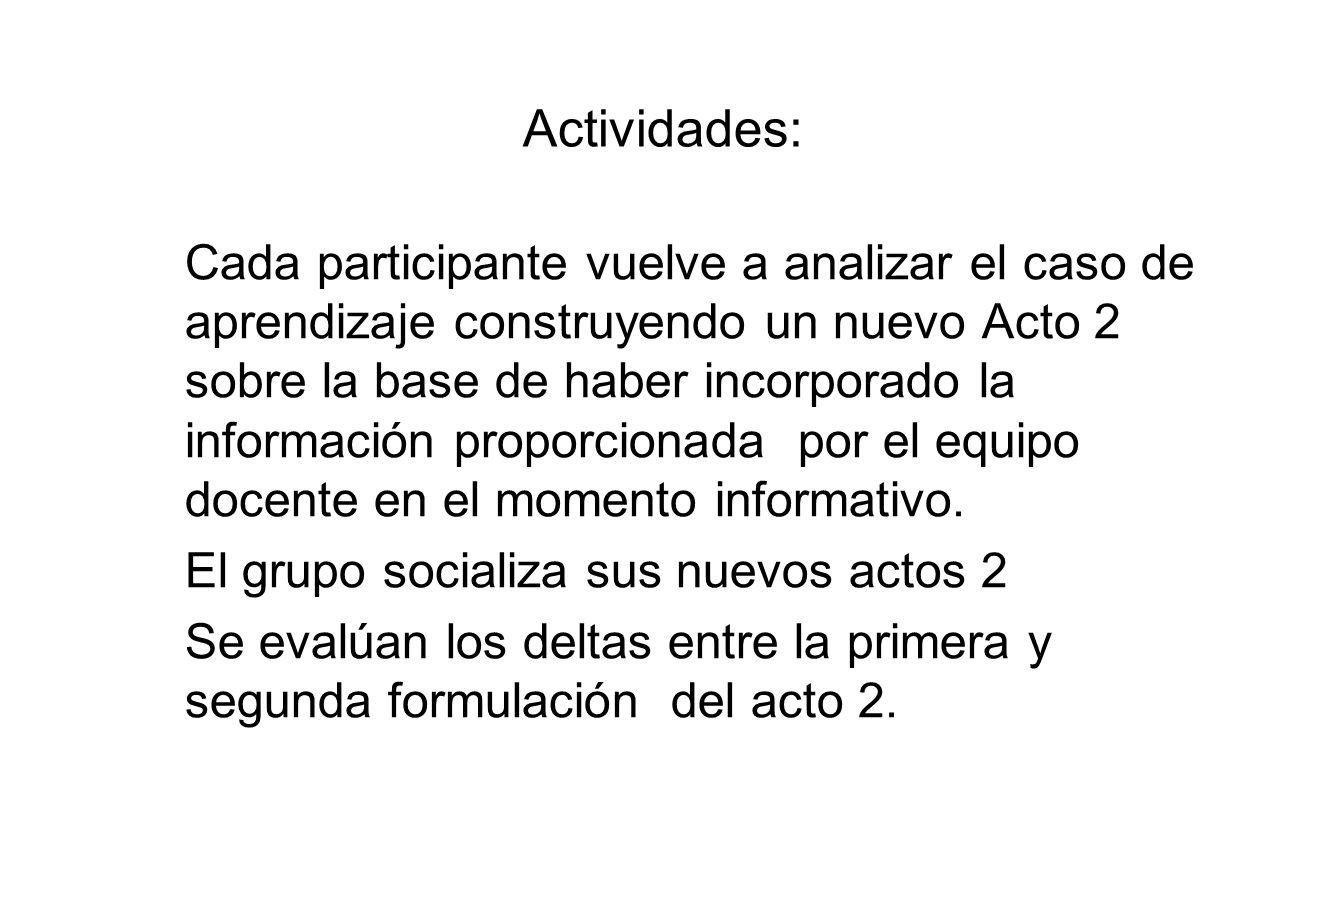 Actividades: Cada participante vuelve a analizar el caso de aprendizaje construyendo un nuevo Acto 2 sobre la base de haber incorporado la información